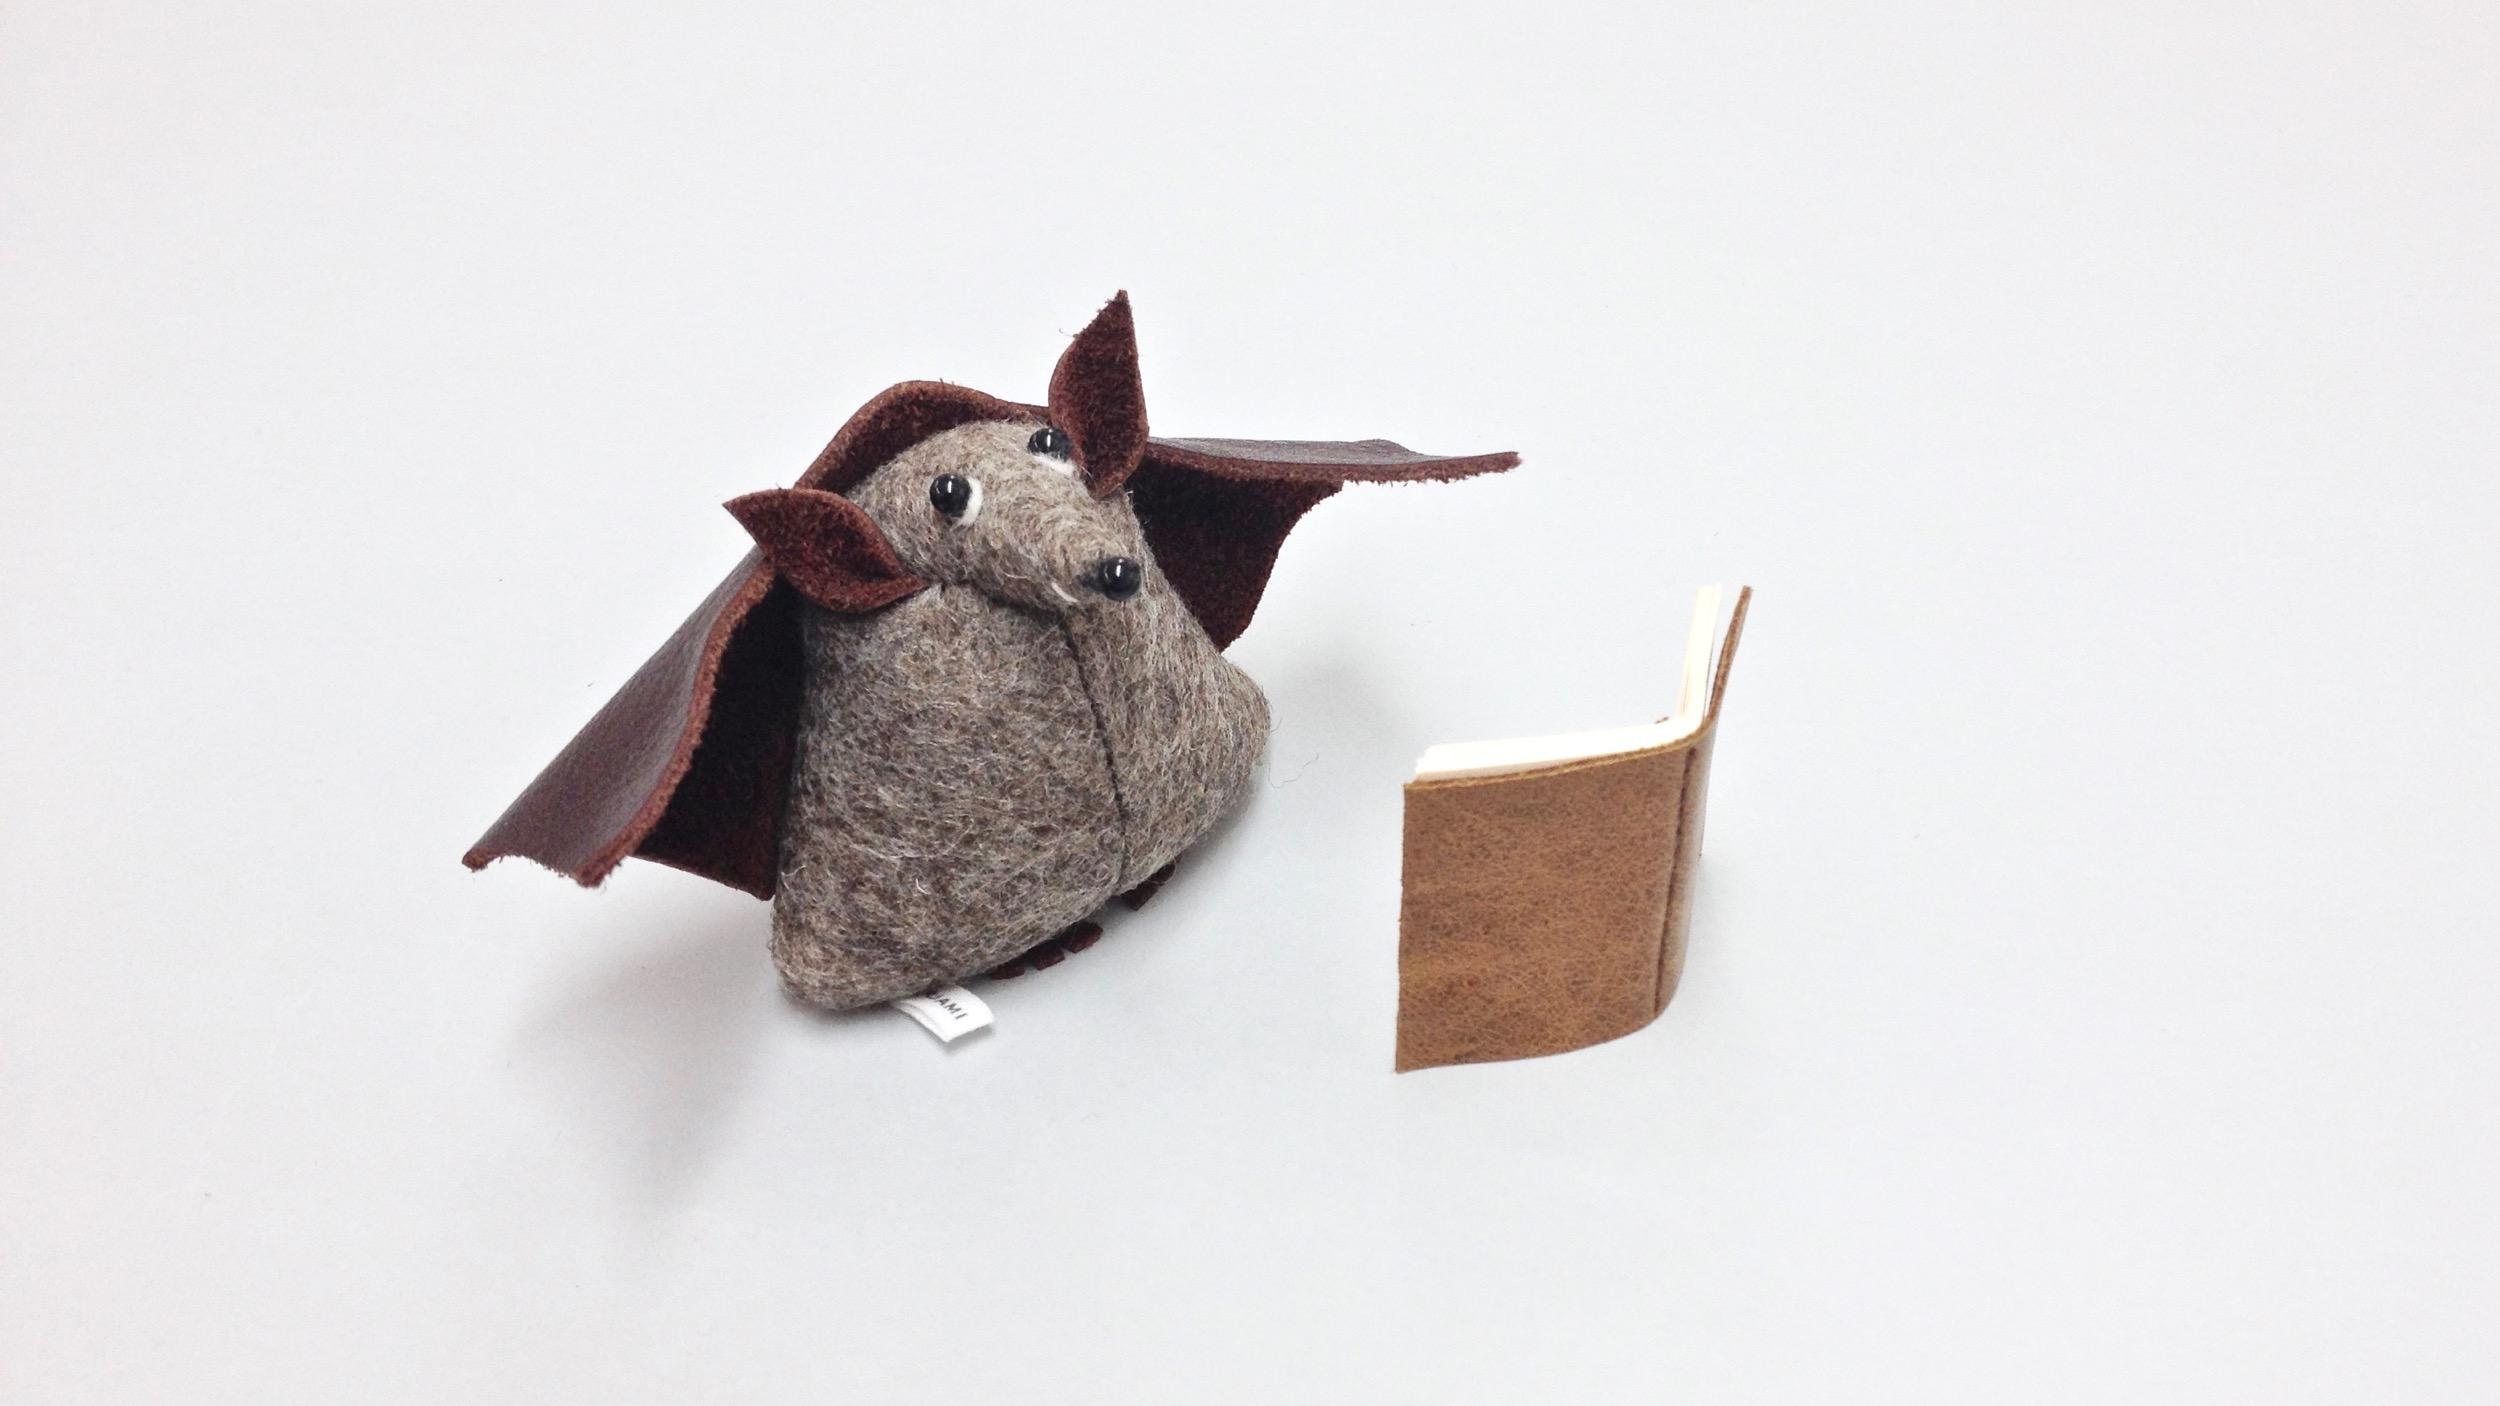 Bilberry Woods storybook character Benny the Bat handmade from wool felt by Laura Mirjami   Mirjami Design.jpg